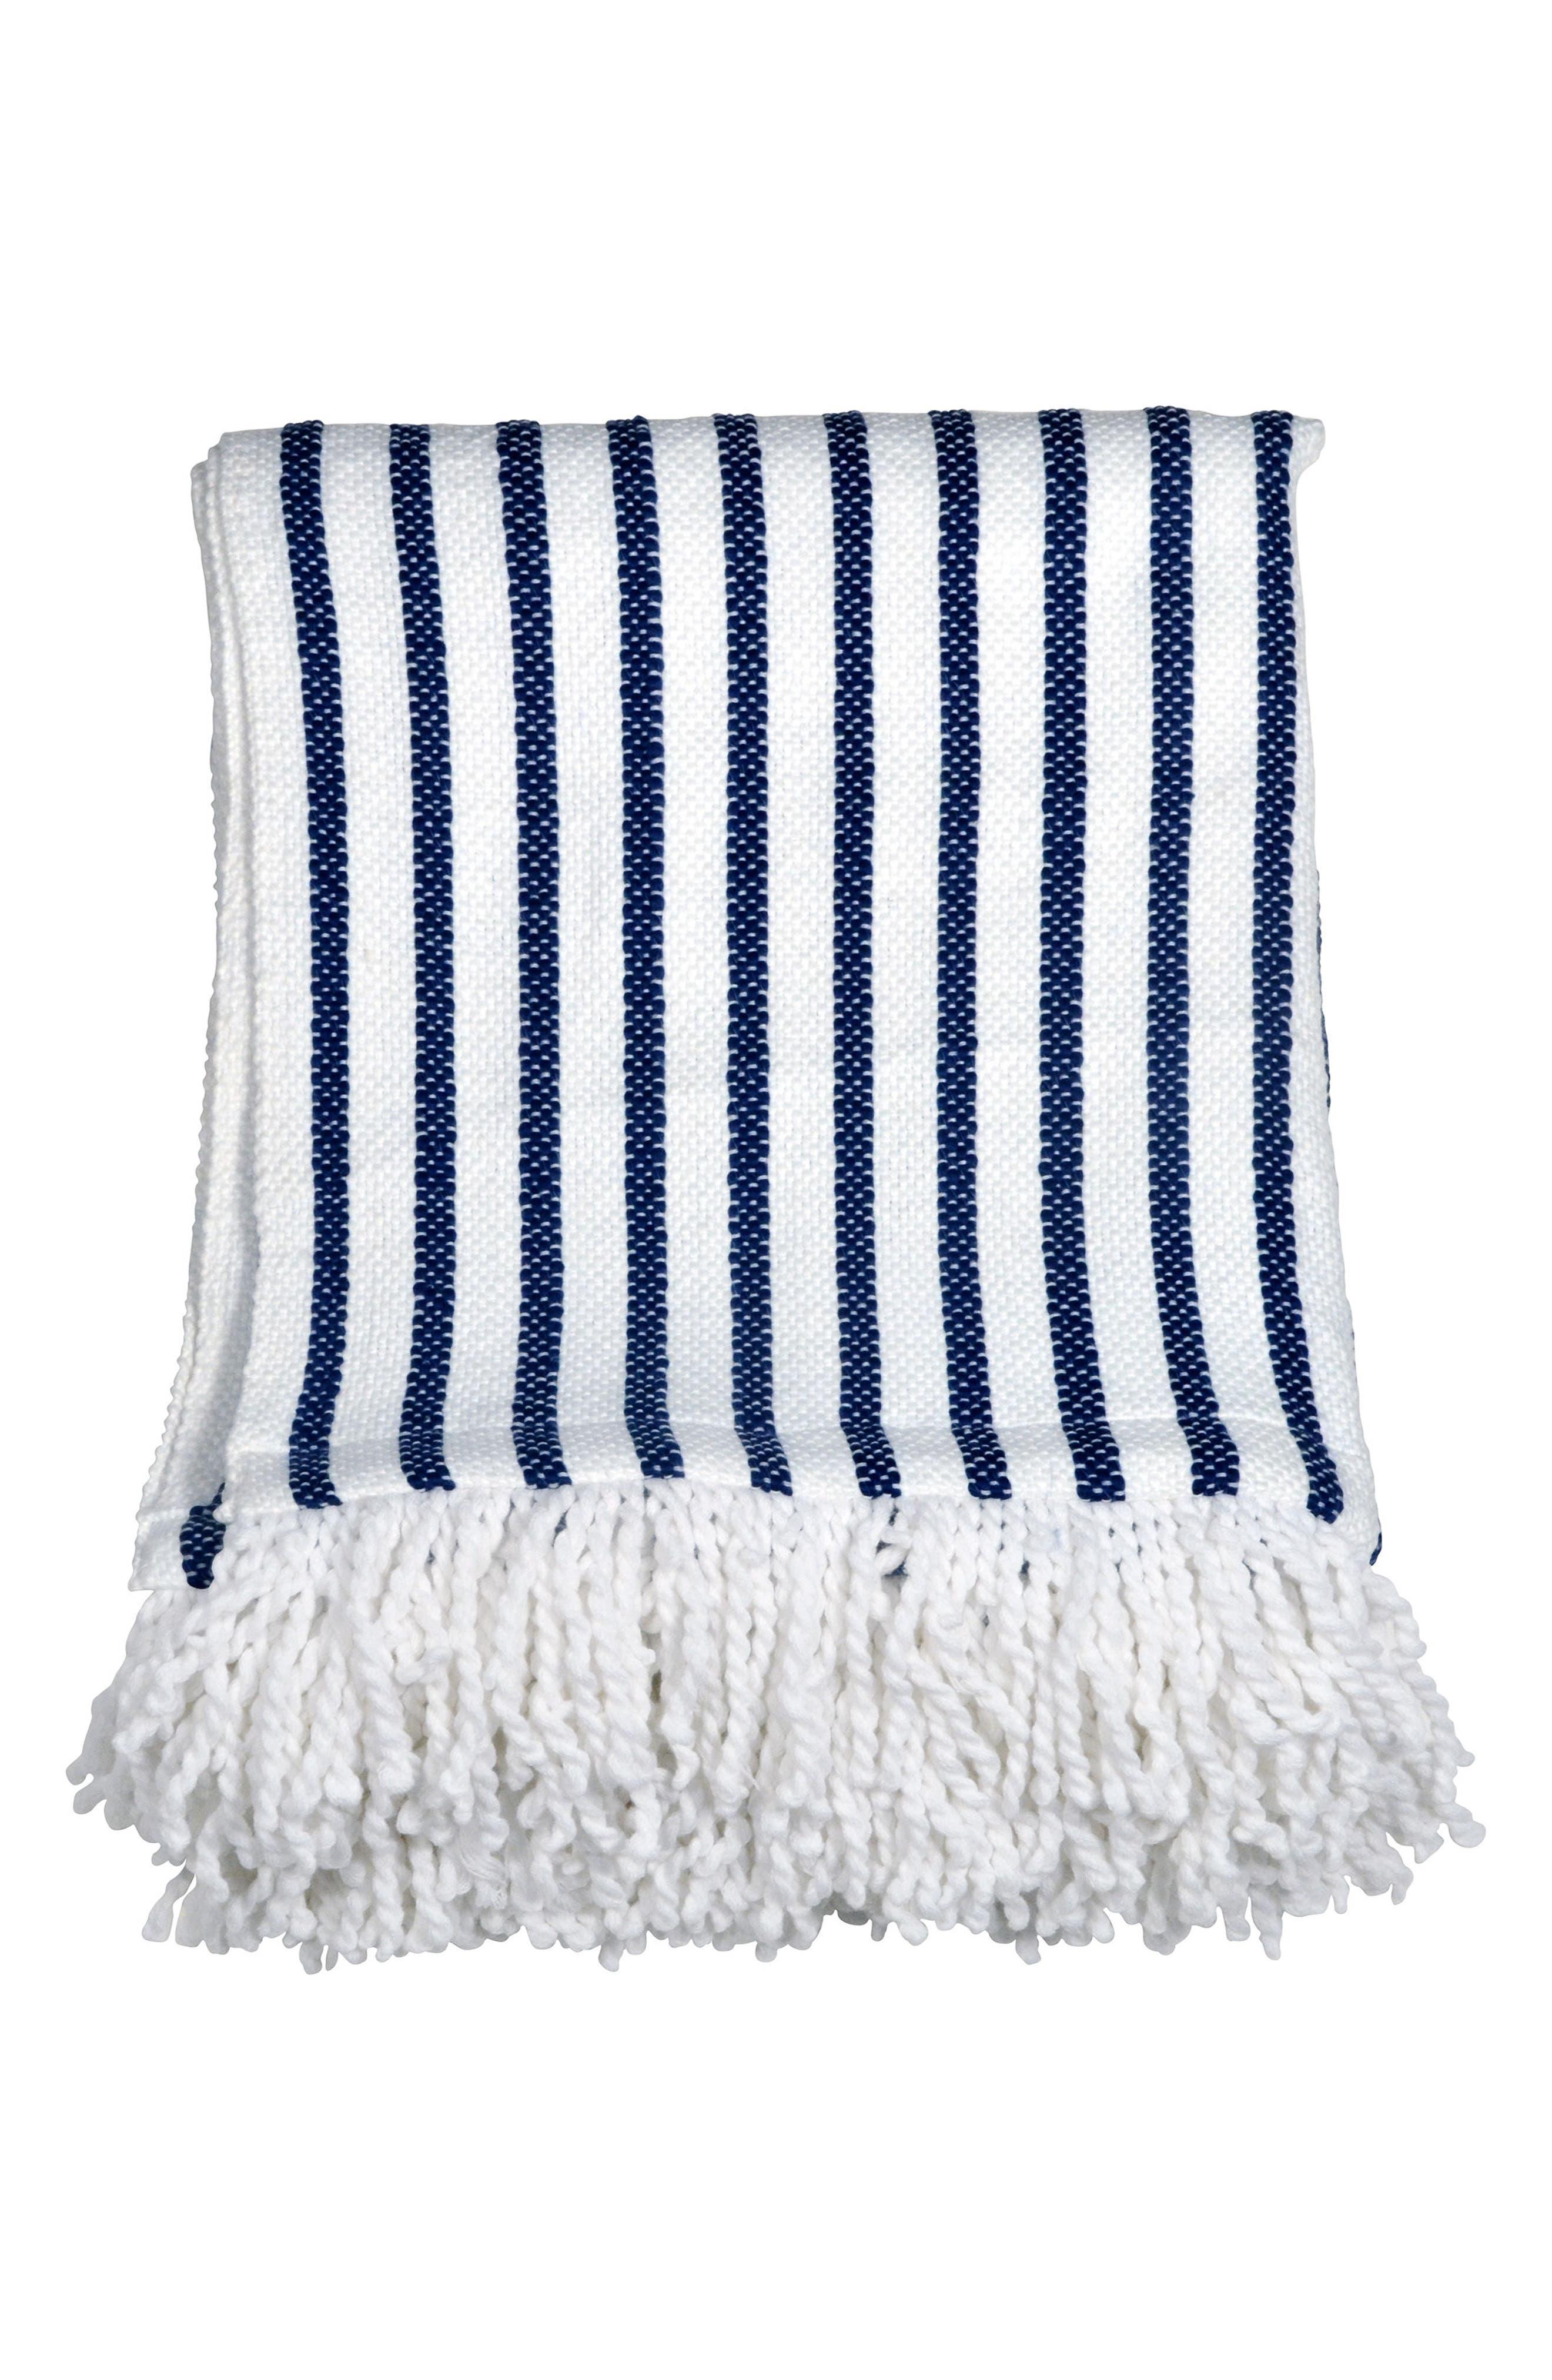 Fringe Throw Blanket,                         Main,                         color, Navy/ White